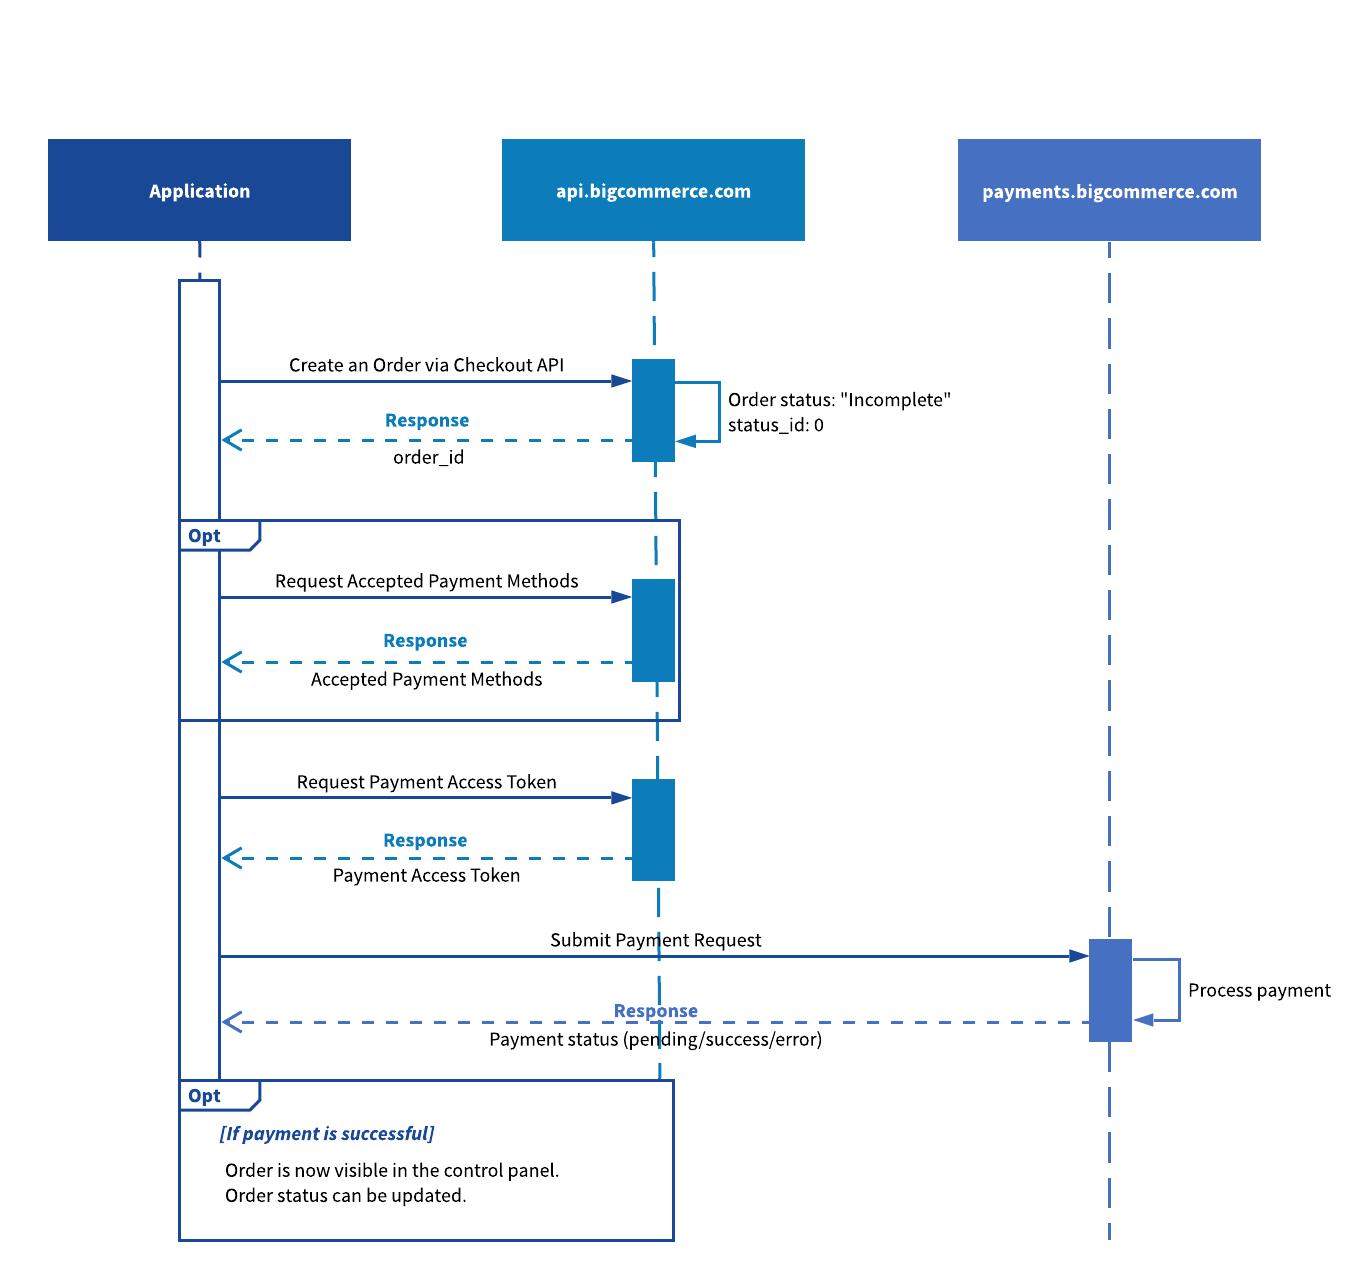 Sample App Diagram